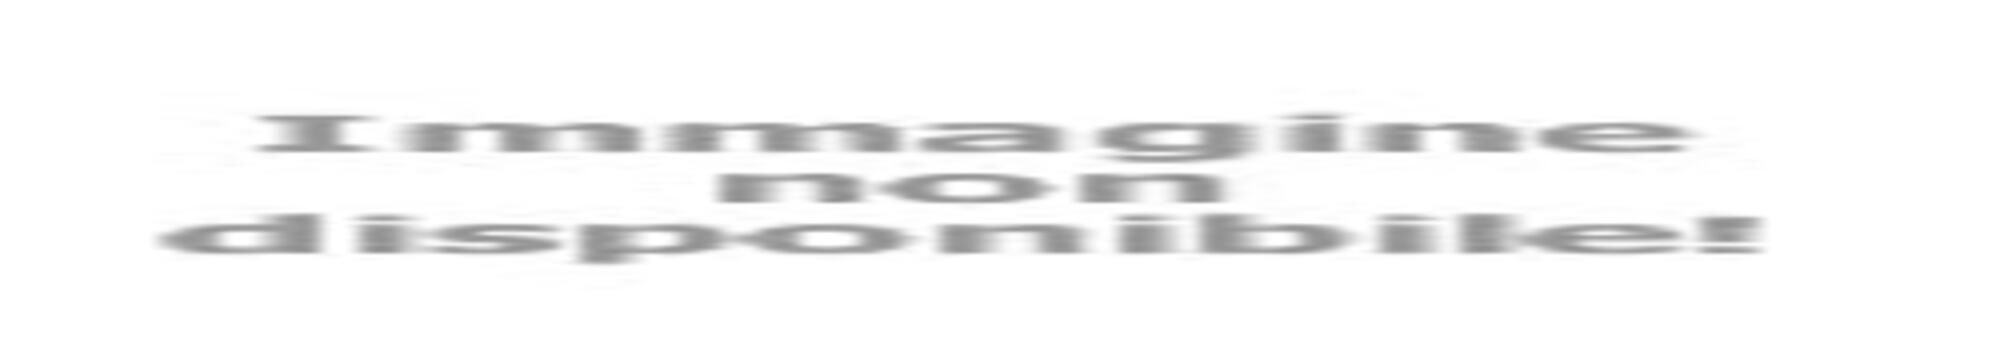 Pobyt w ośrodku wakacyjnym i wycieczka rowerami EBIKE po Toskanii